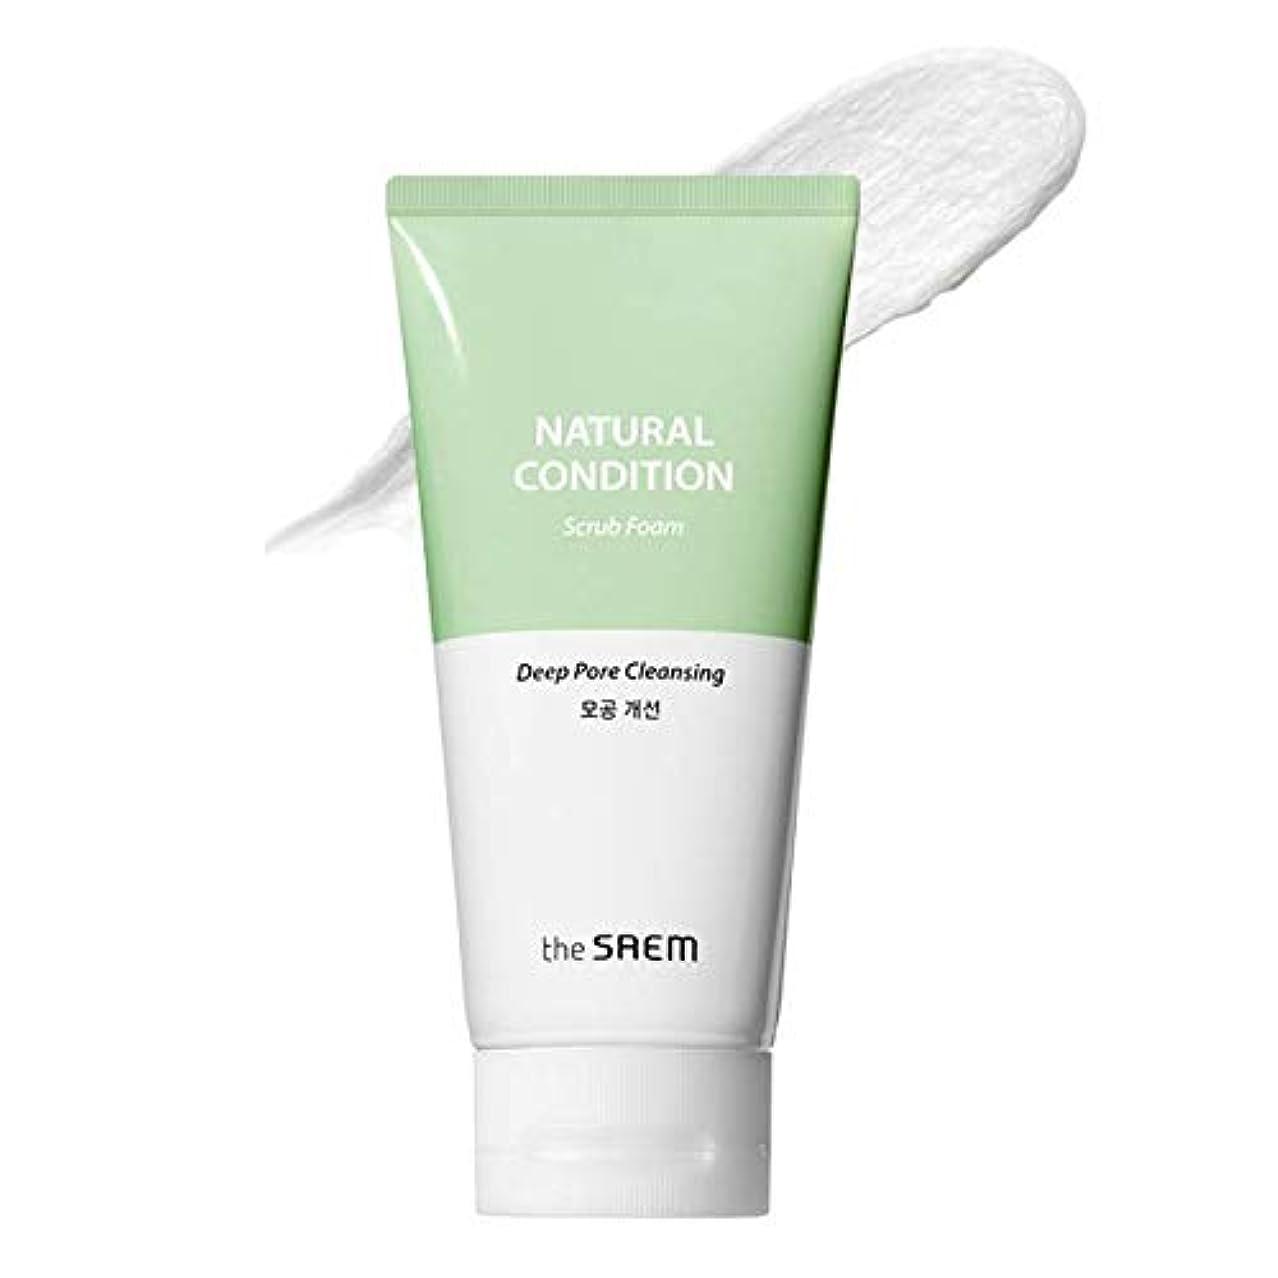 殺人テンション悪性The Saem Natural Condition Scrub Foam [Deep pore cleansing] / ザセム ナチュラルコンディションスクラブフォーム[毛穴改善] [並行輸入品]